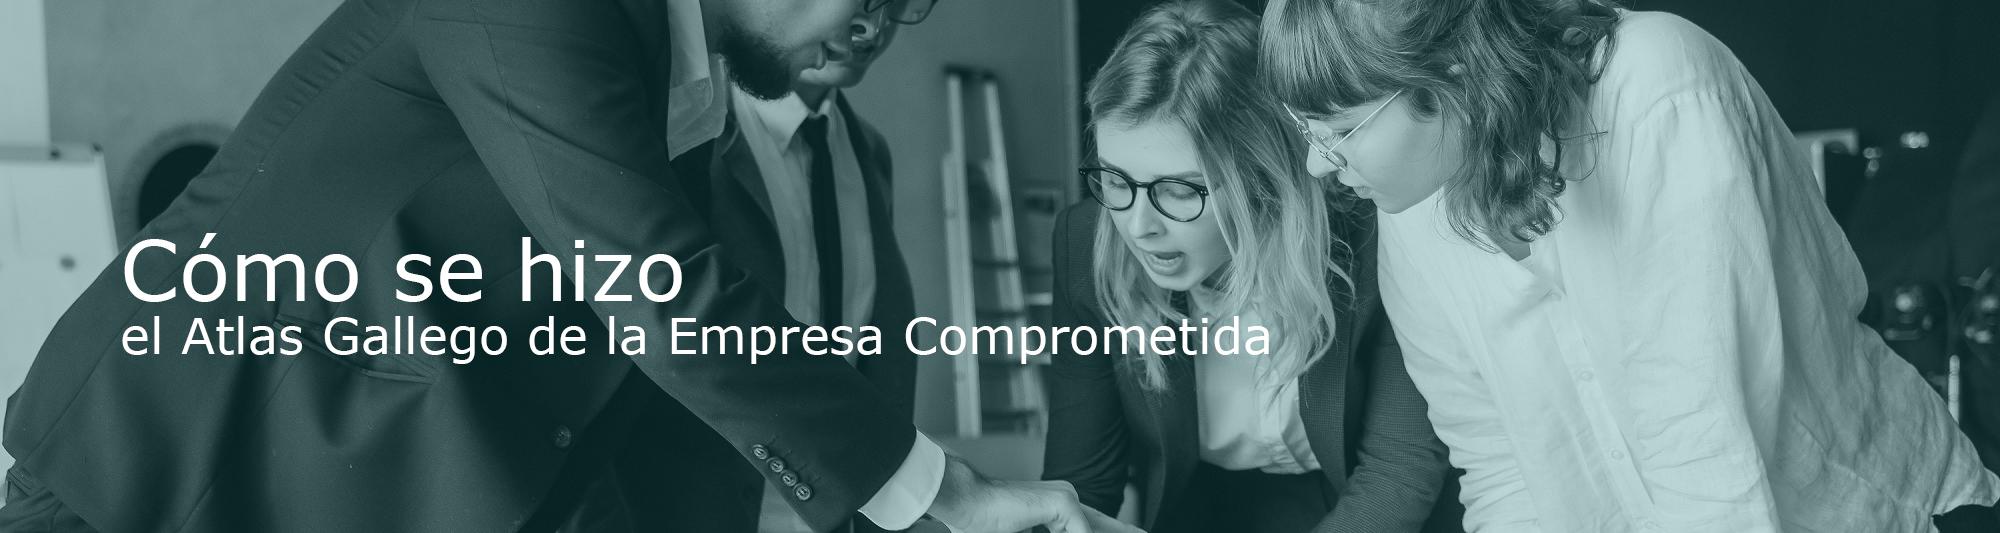 Como se hizo el Atlas Gallego de la Empresa Comprometida